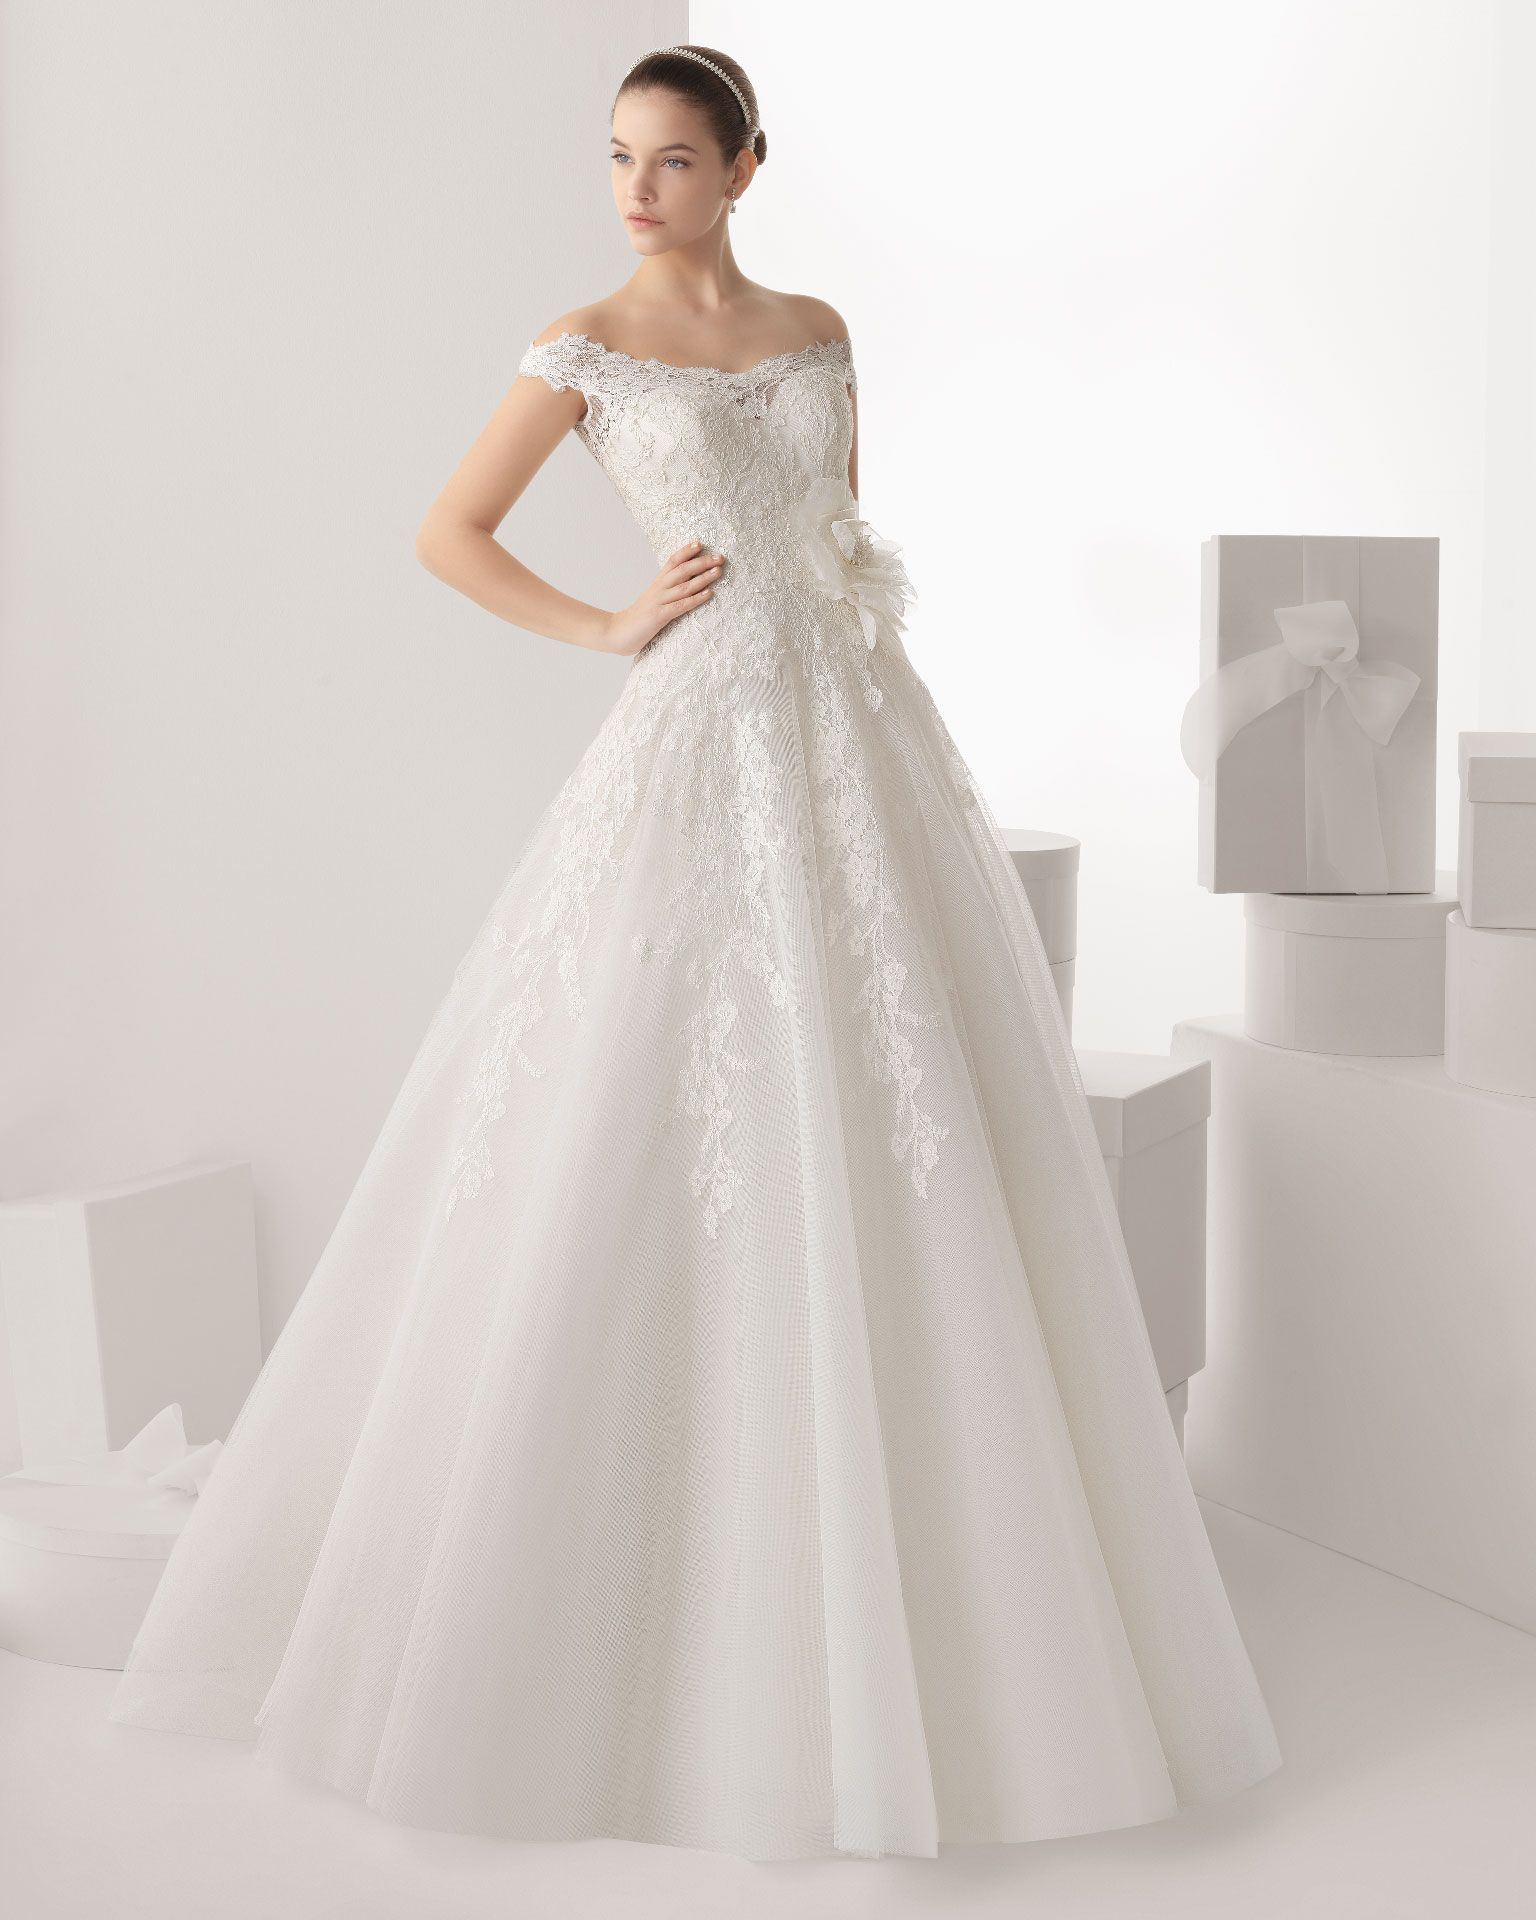 00578e3911 Rosa Clara - Vestidos de novia o fiesta para estar perfecta ...